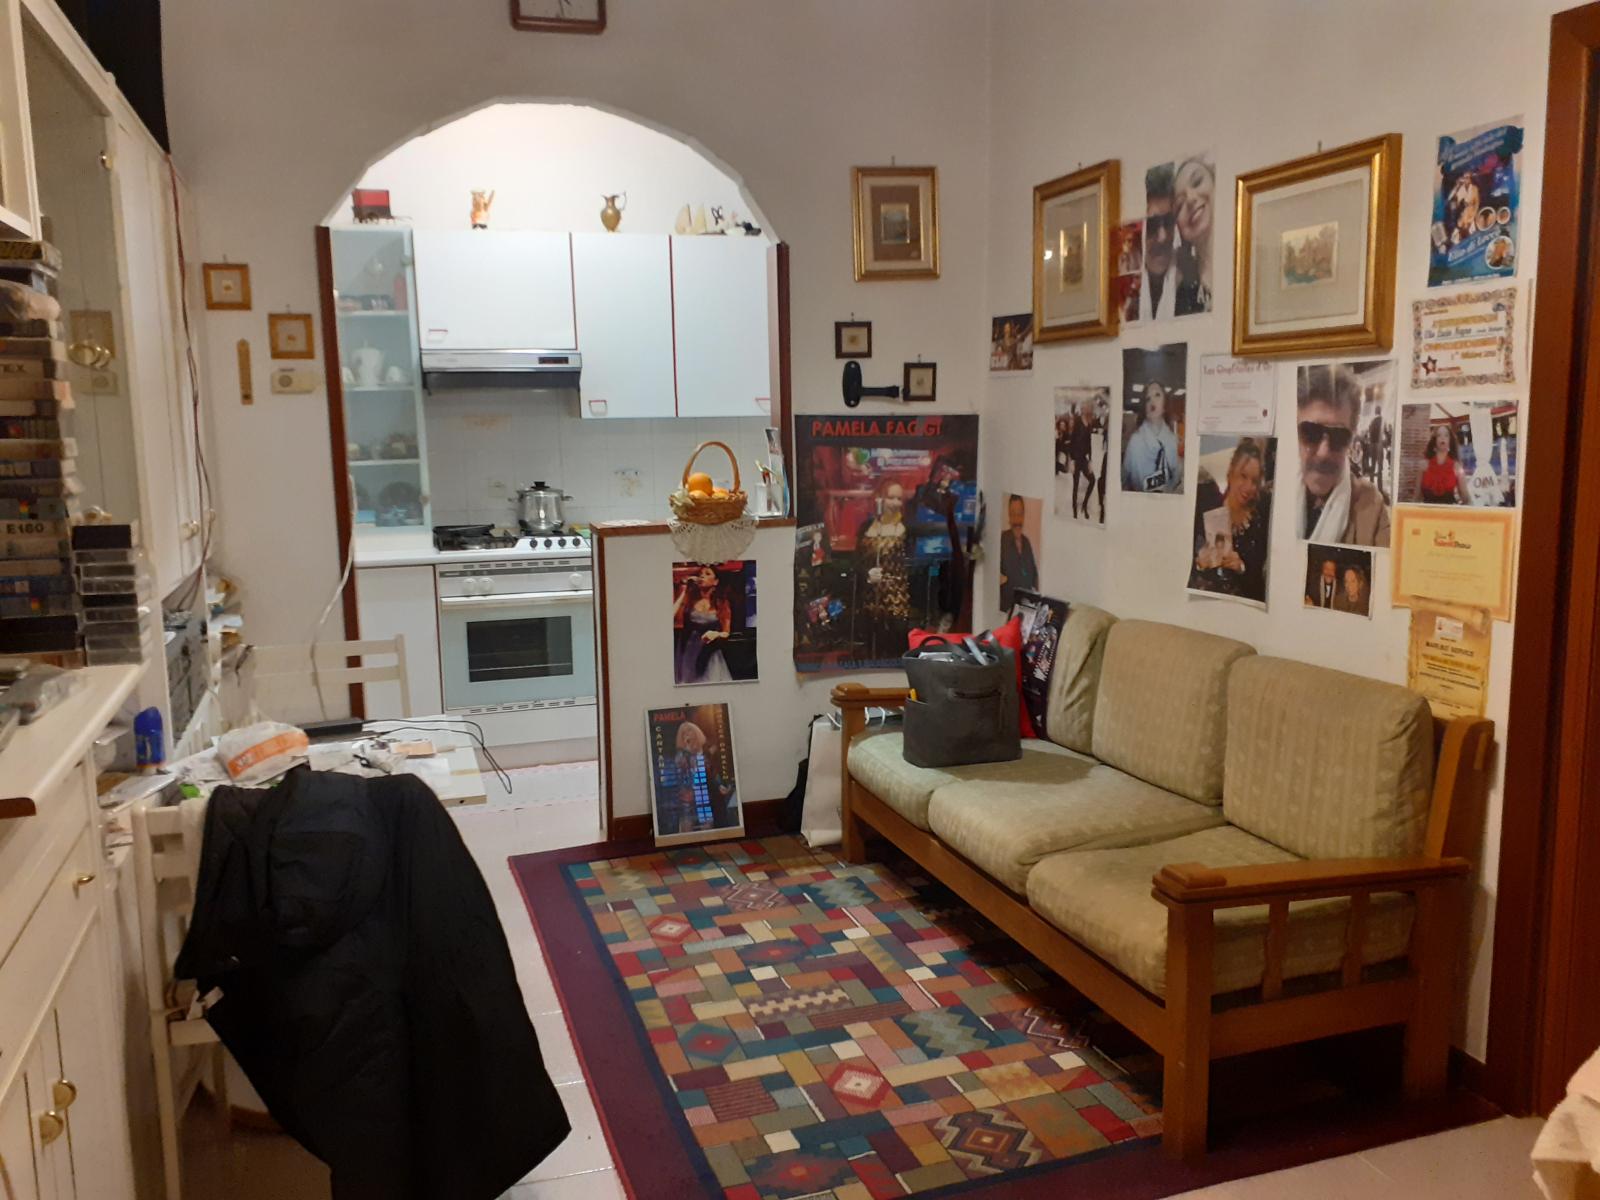 appartamento-in-vendita-a-baggio-milano-2-locali-bilocale-spaziourbano-immobiliare-vende-12